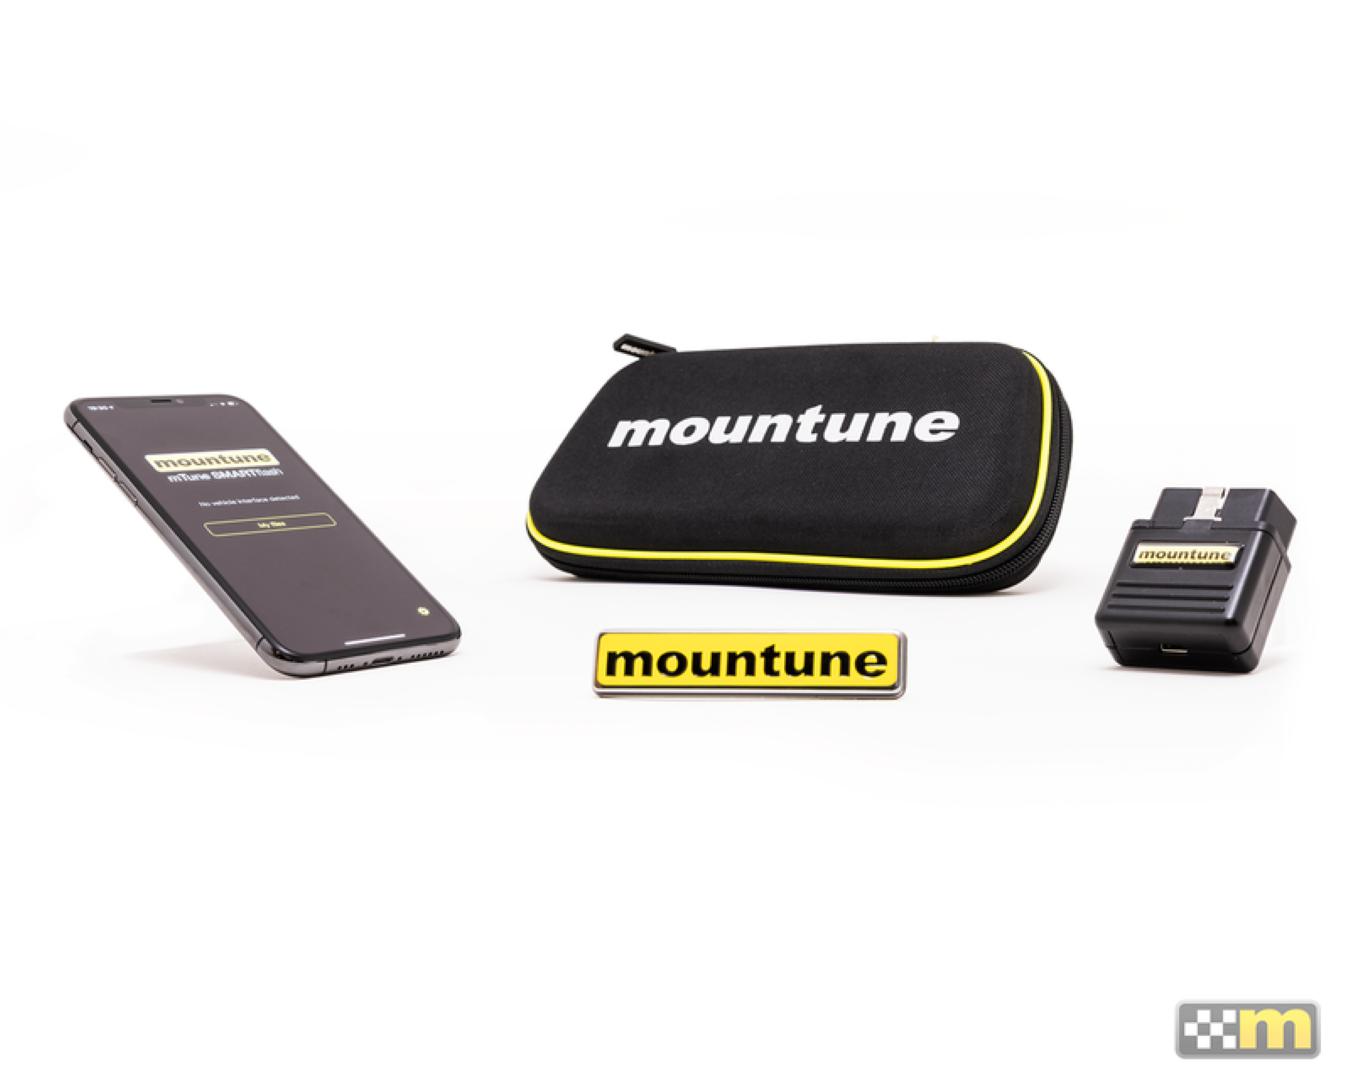 mountune m365